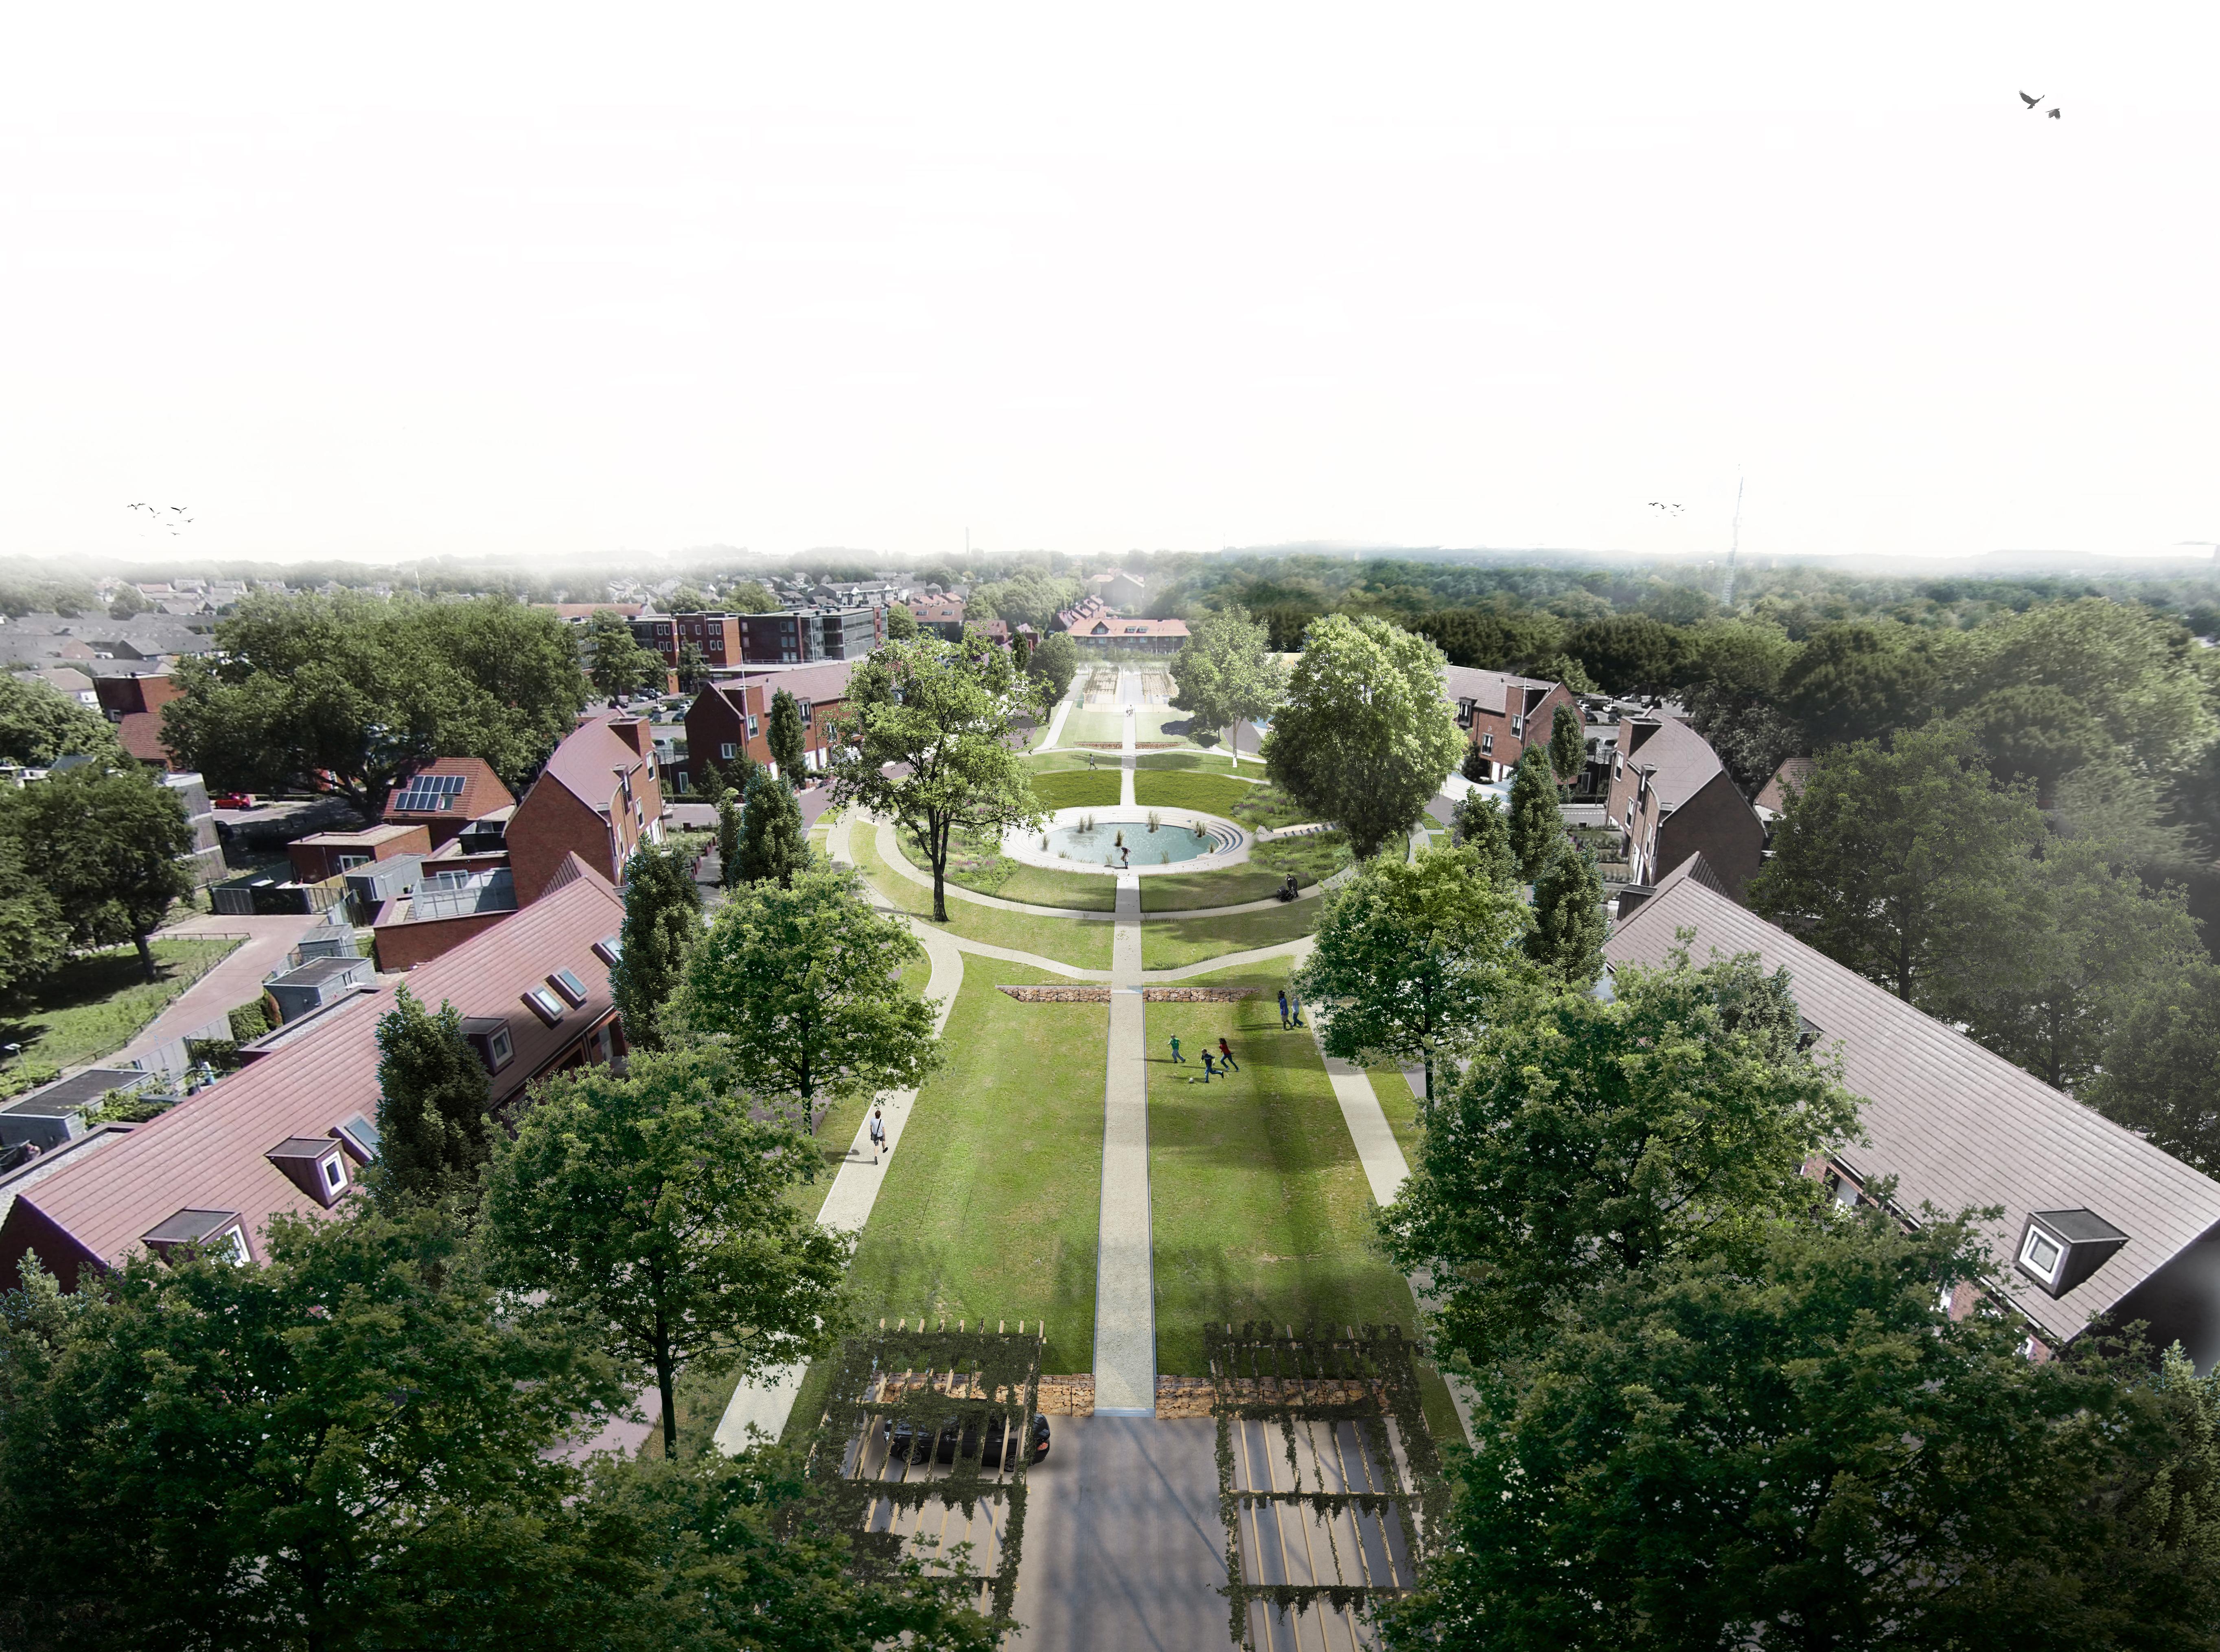 <p>Vogelvlucht van het Treebeekplein in  Brunssum, ontwerp Ziegler Branderhorst. Op de voorgrond de parkeerplaats, daarachter de speelvelden en de middenvijver</p>